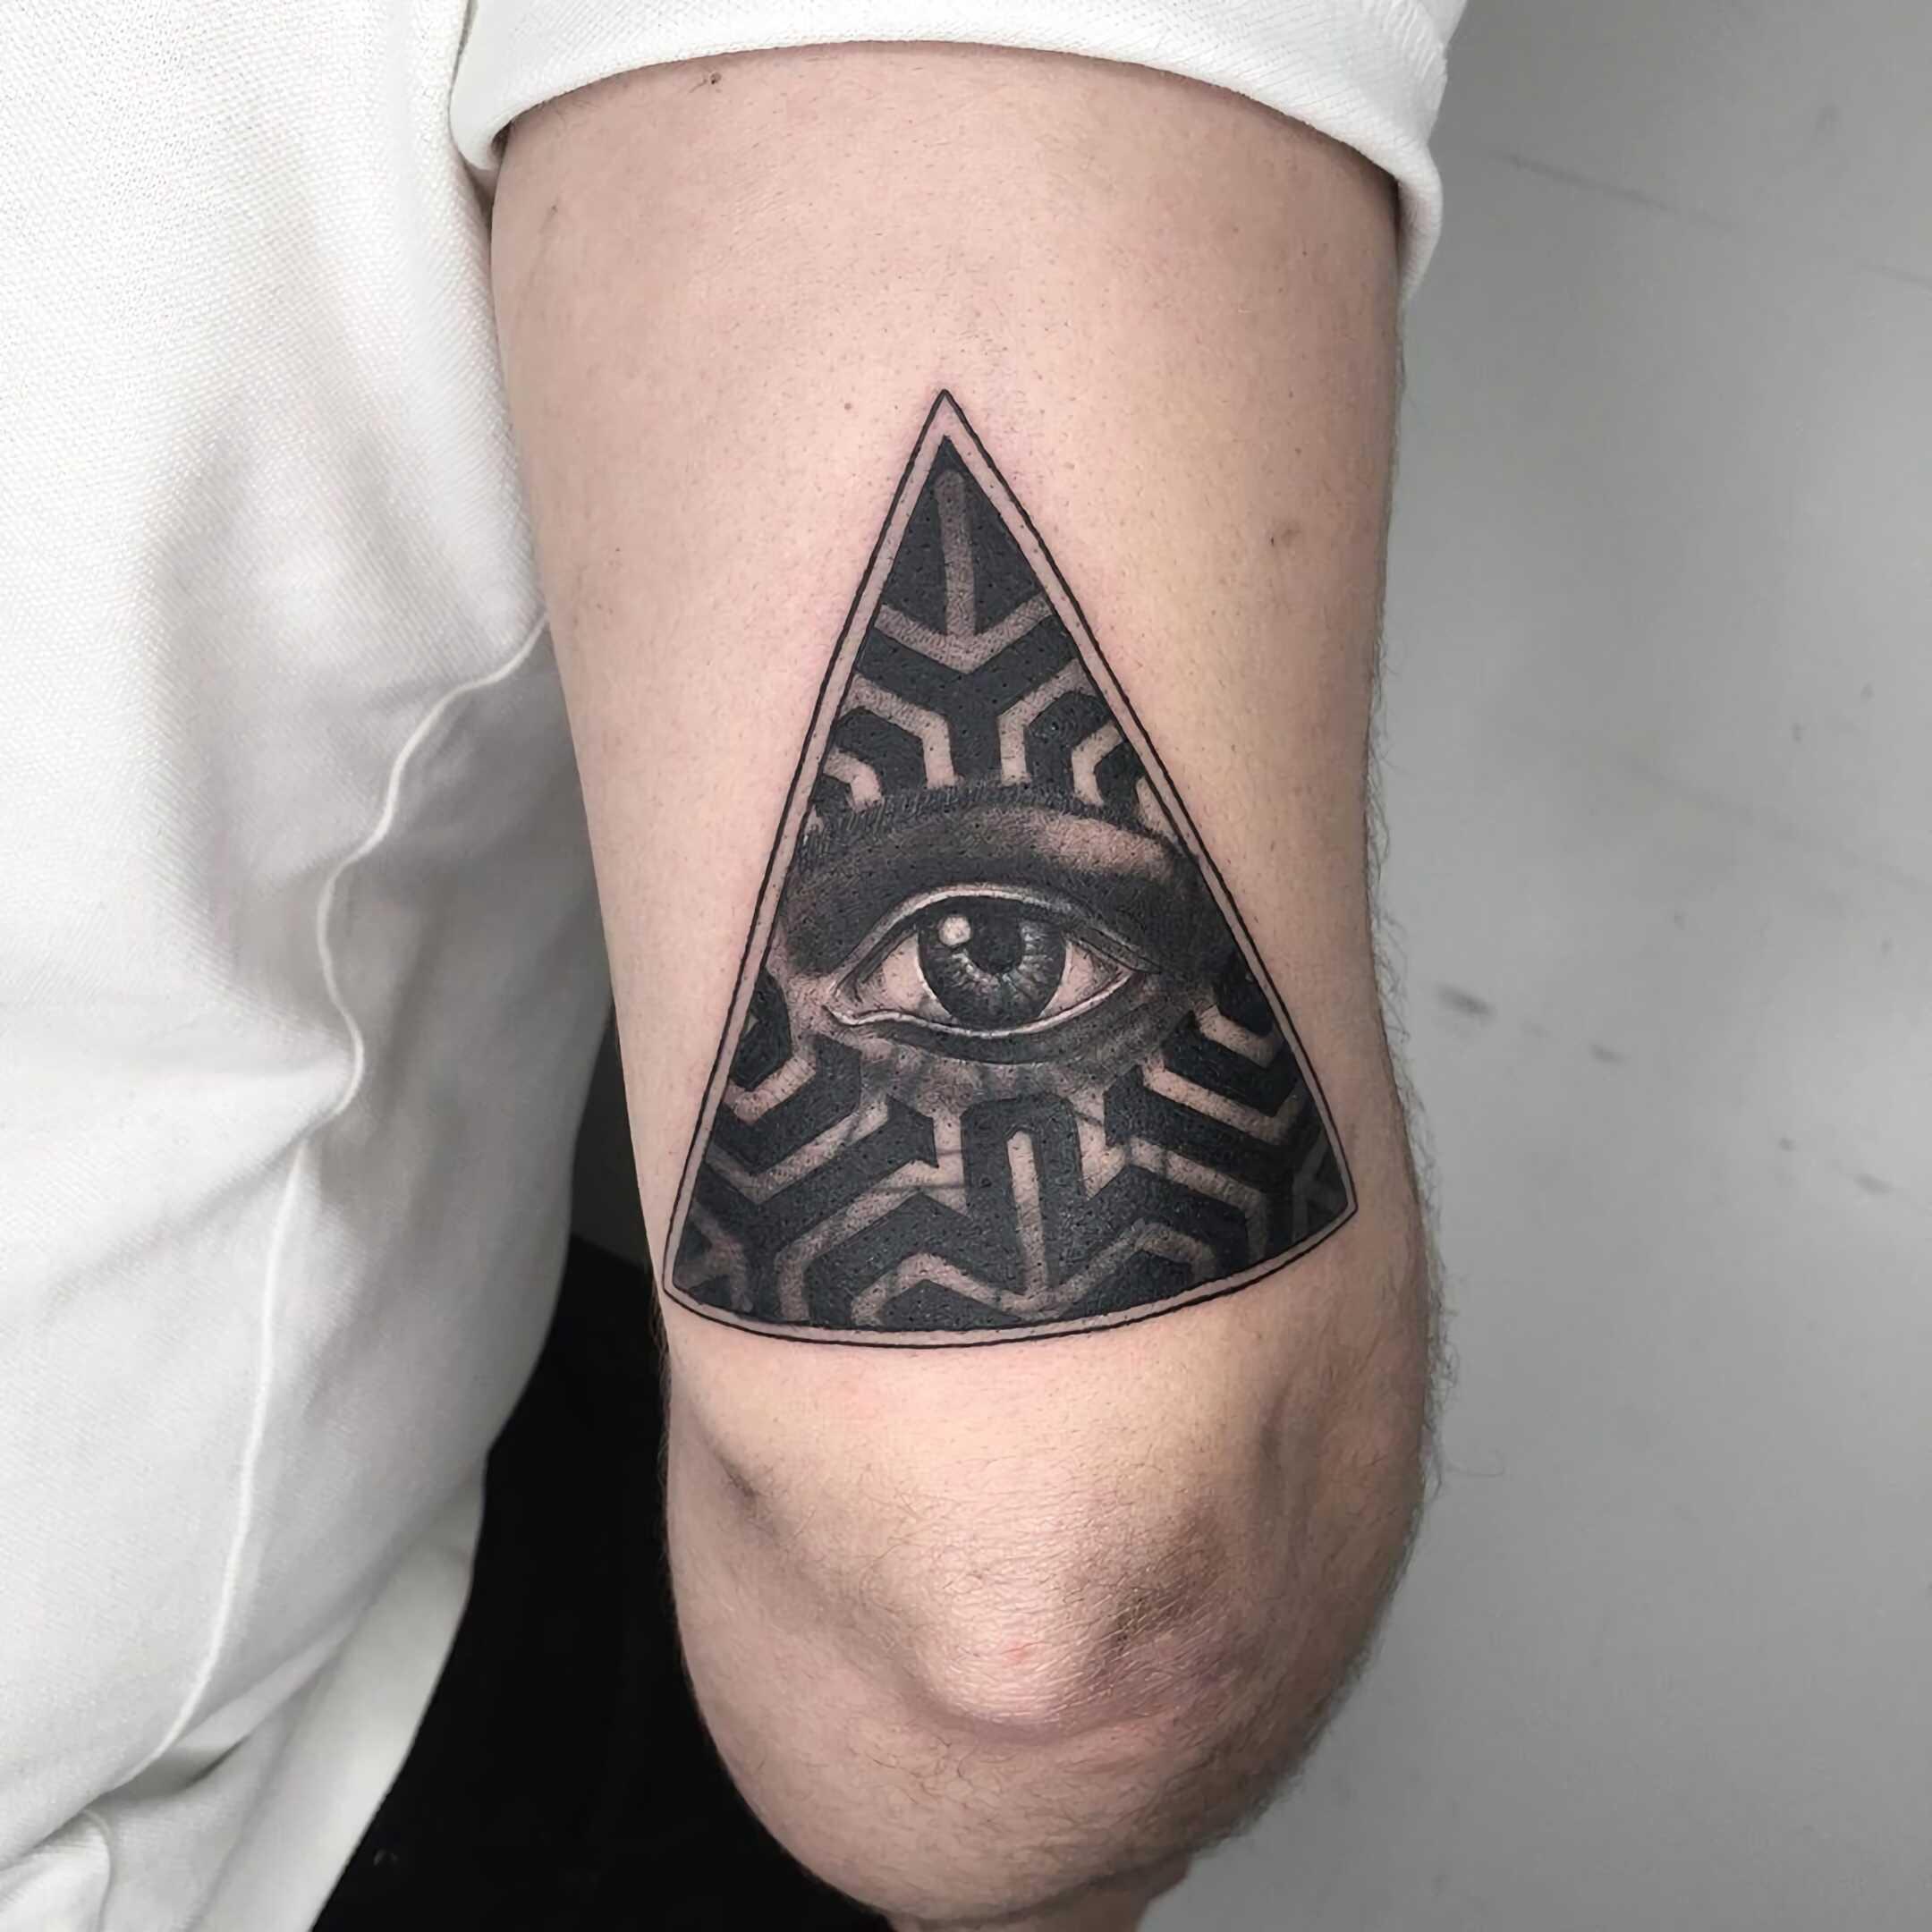 современная татуировка всевидящего глаза на руке